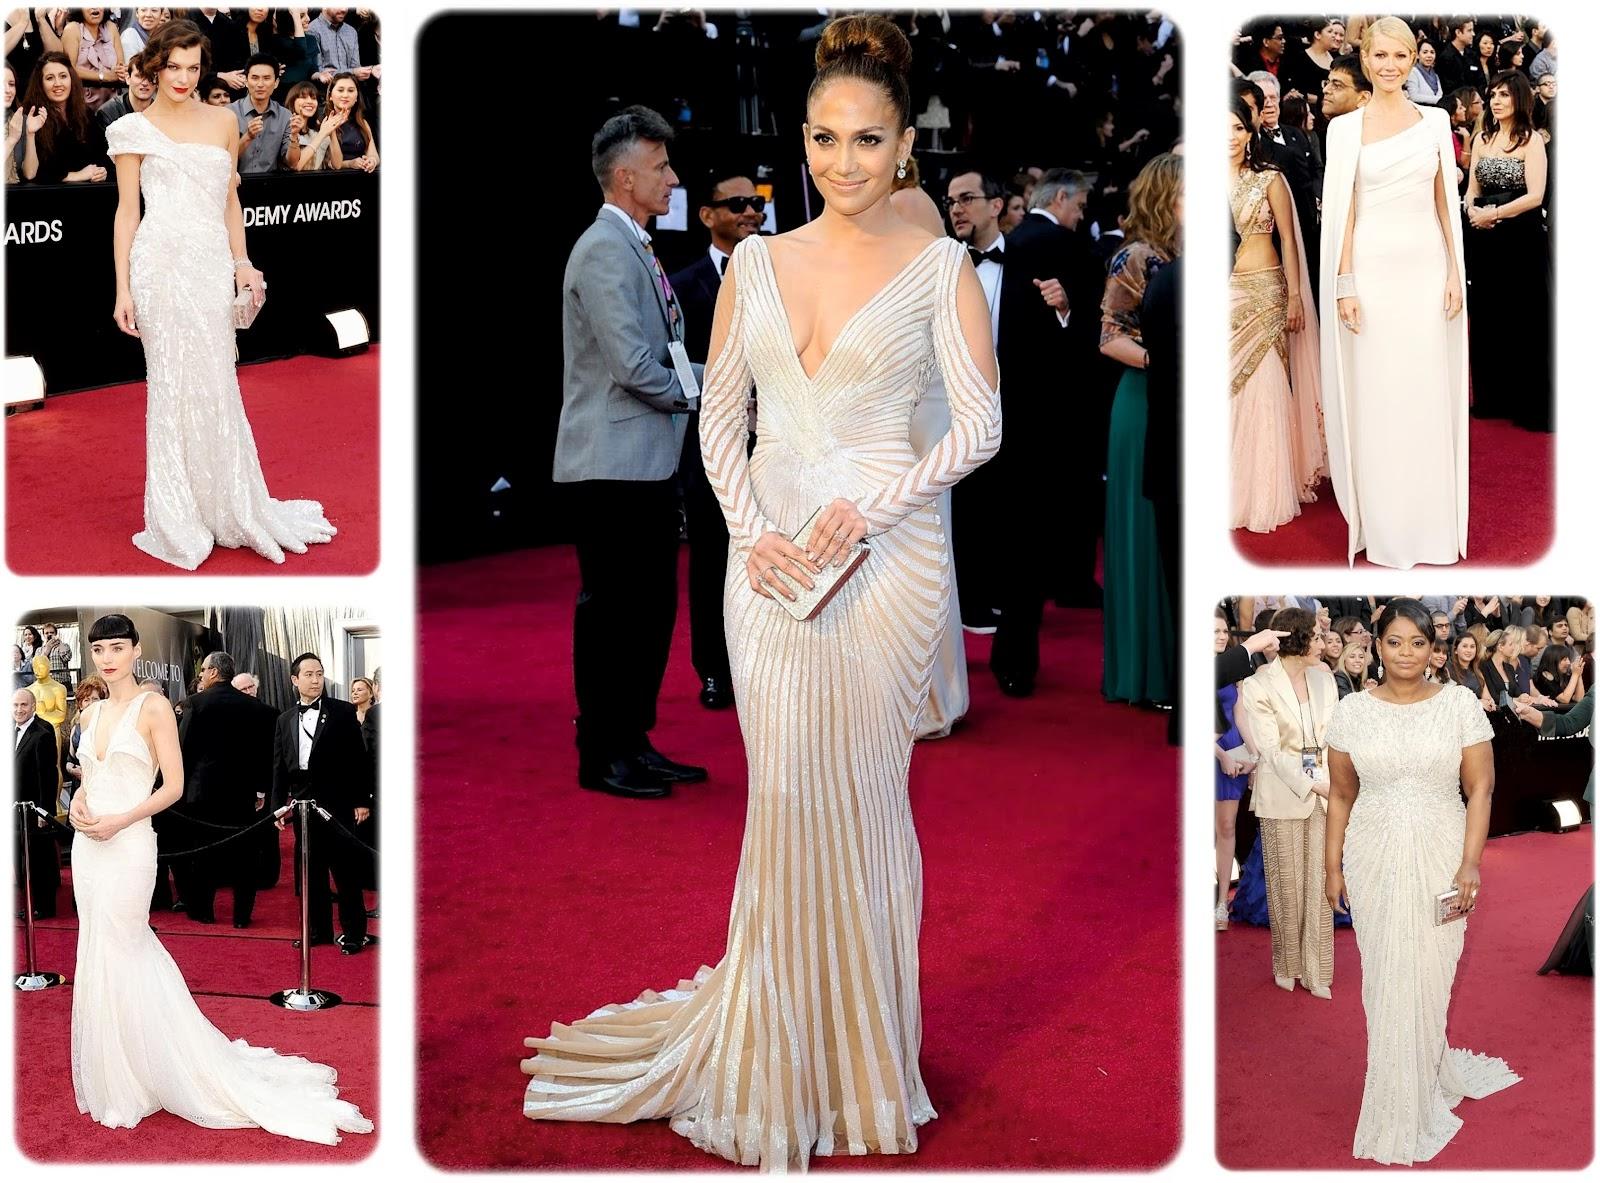 Imagenes de los mejores vestidos de noche